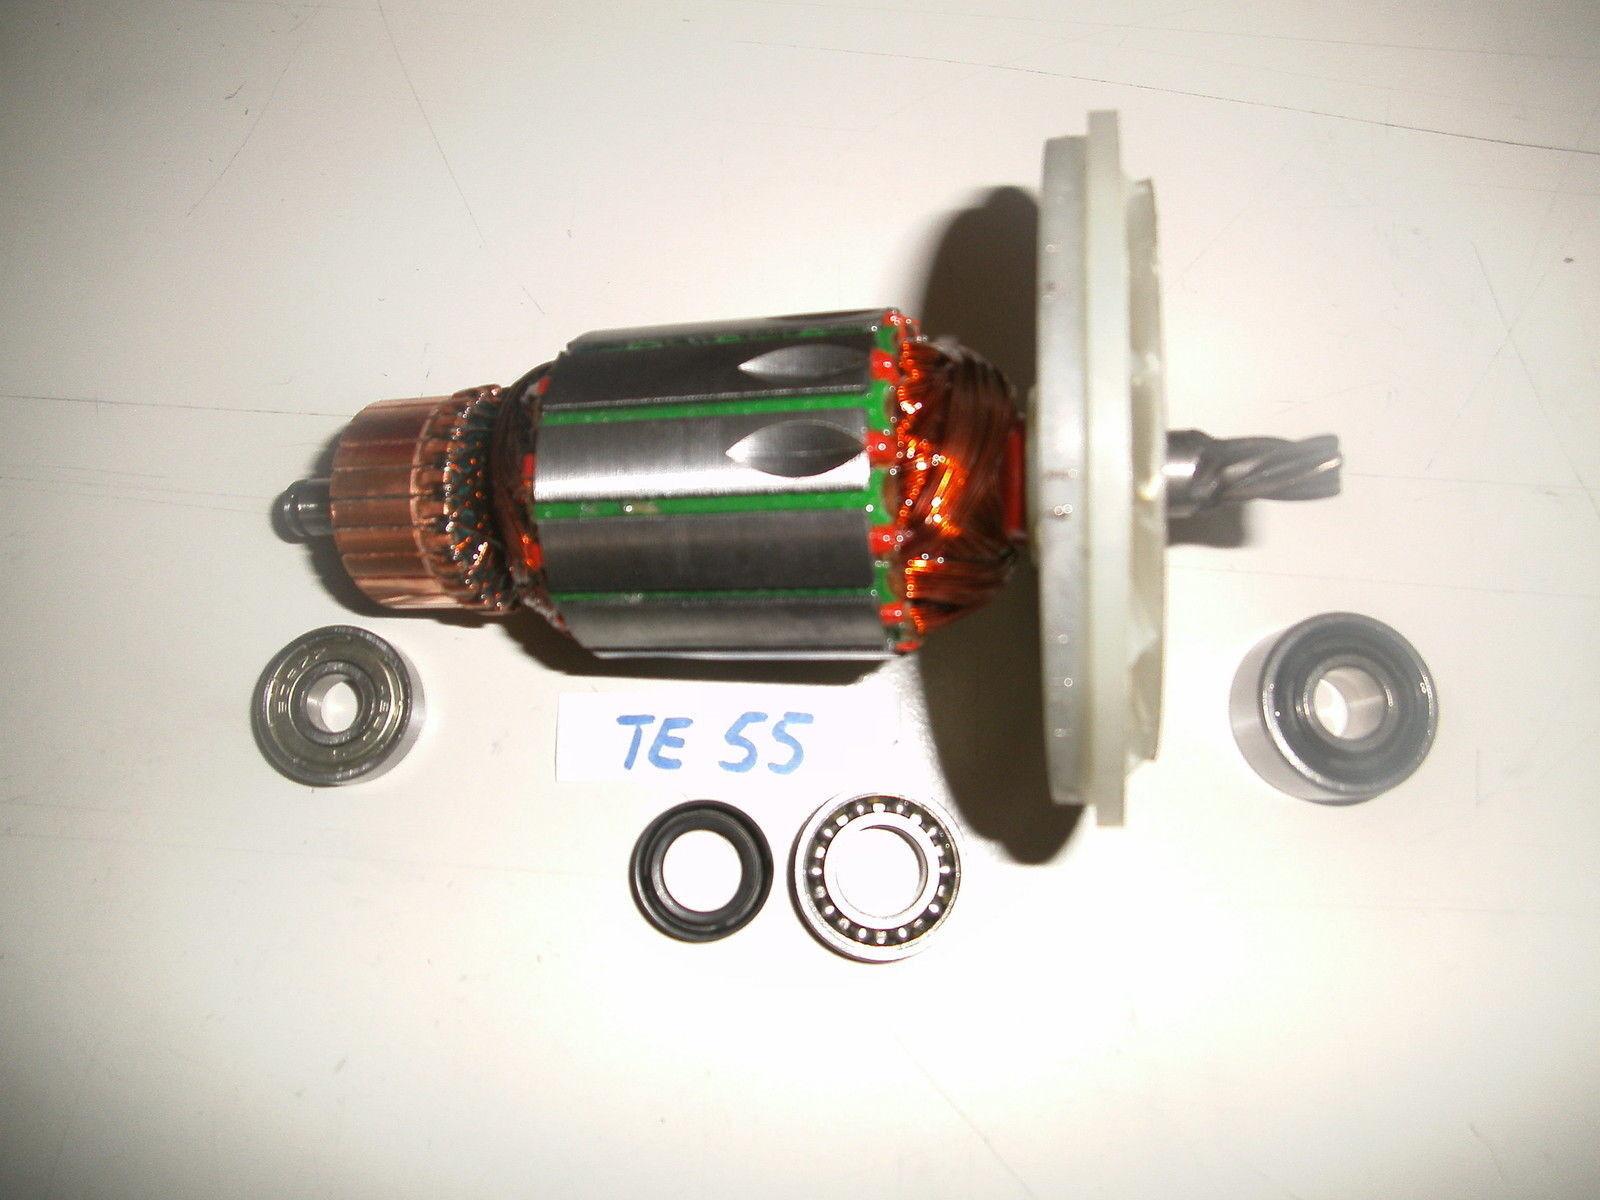 Hilti TE 55 Rotor, Anker+beide Lagern und Lager + Wellendichtring Getriebe